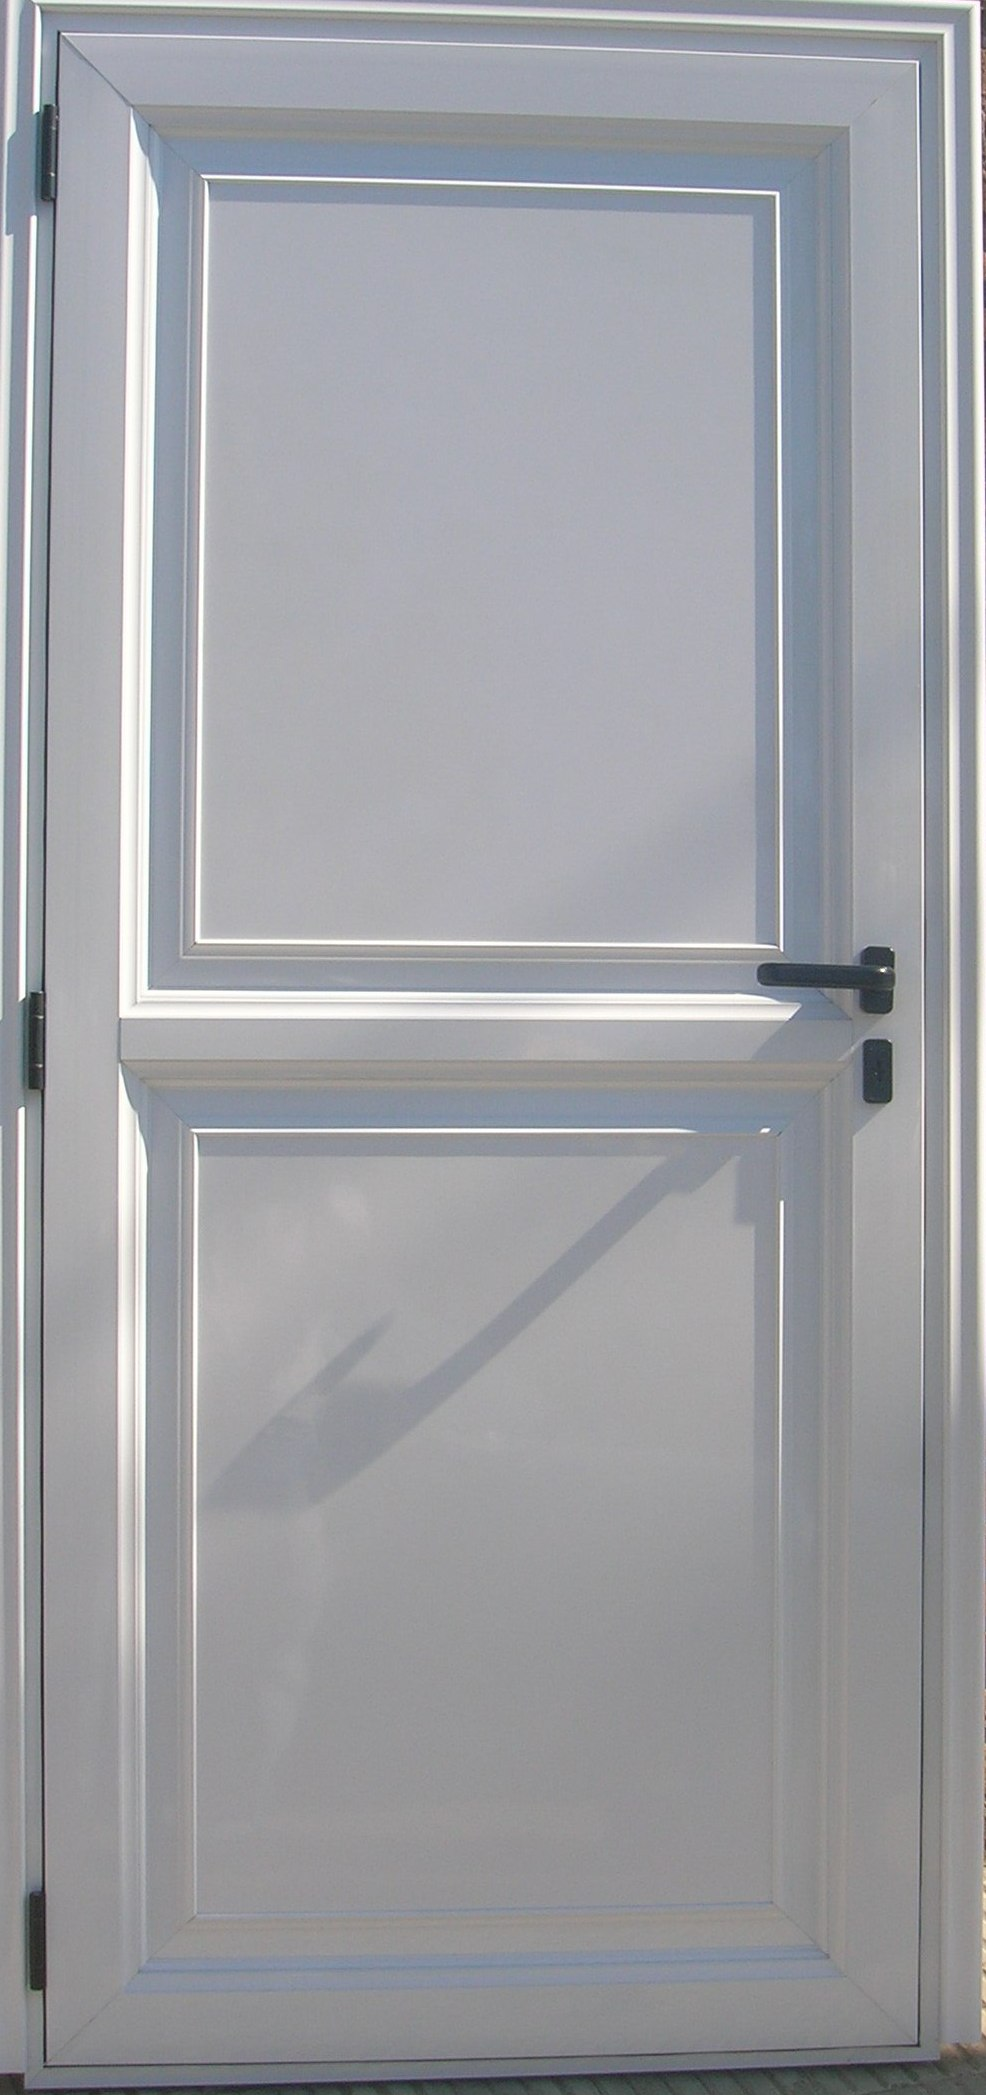 Puerta ciega con placa lisa